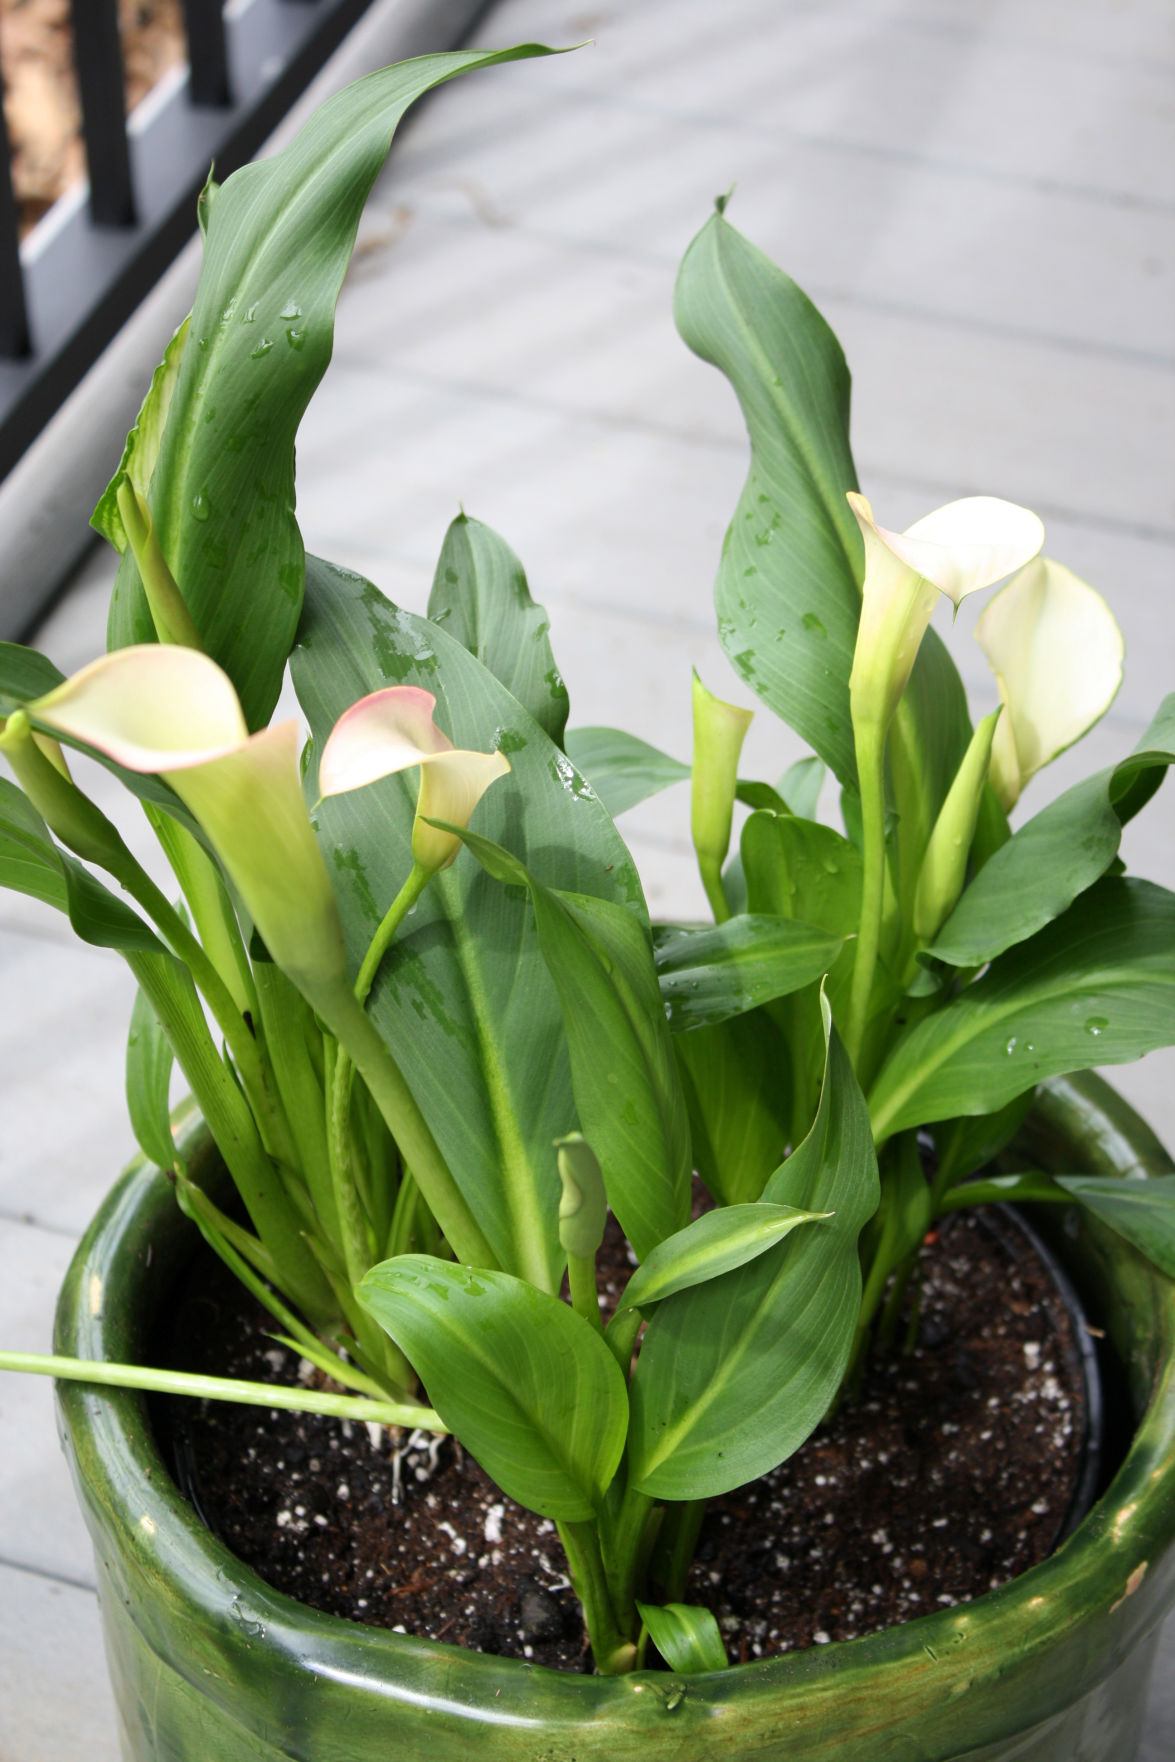 Hoa Arum bắt đầu sinh trưởng và phát triển cho hoa nở đẹp